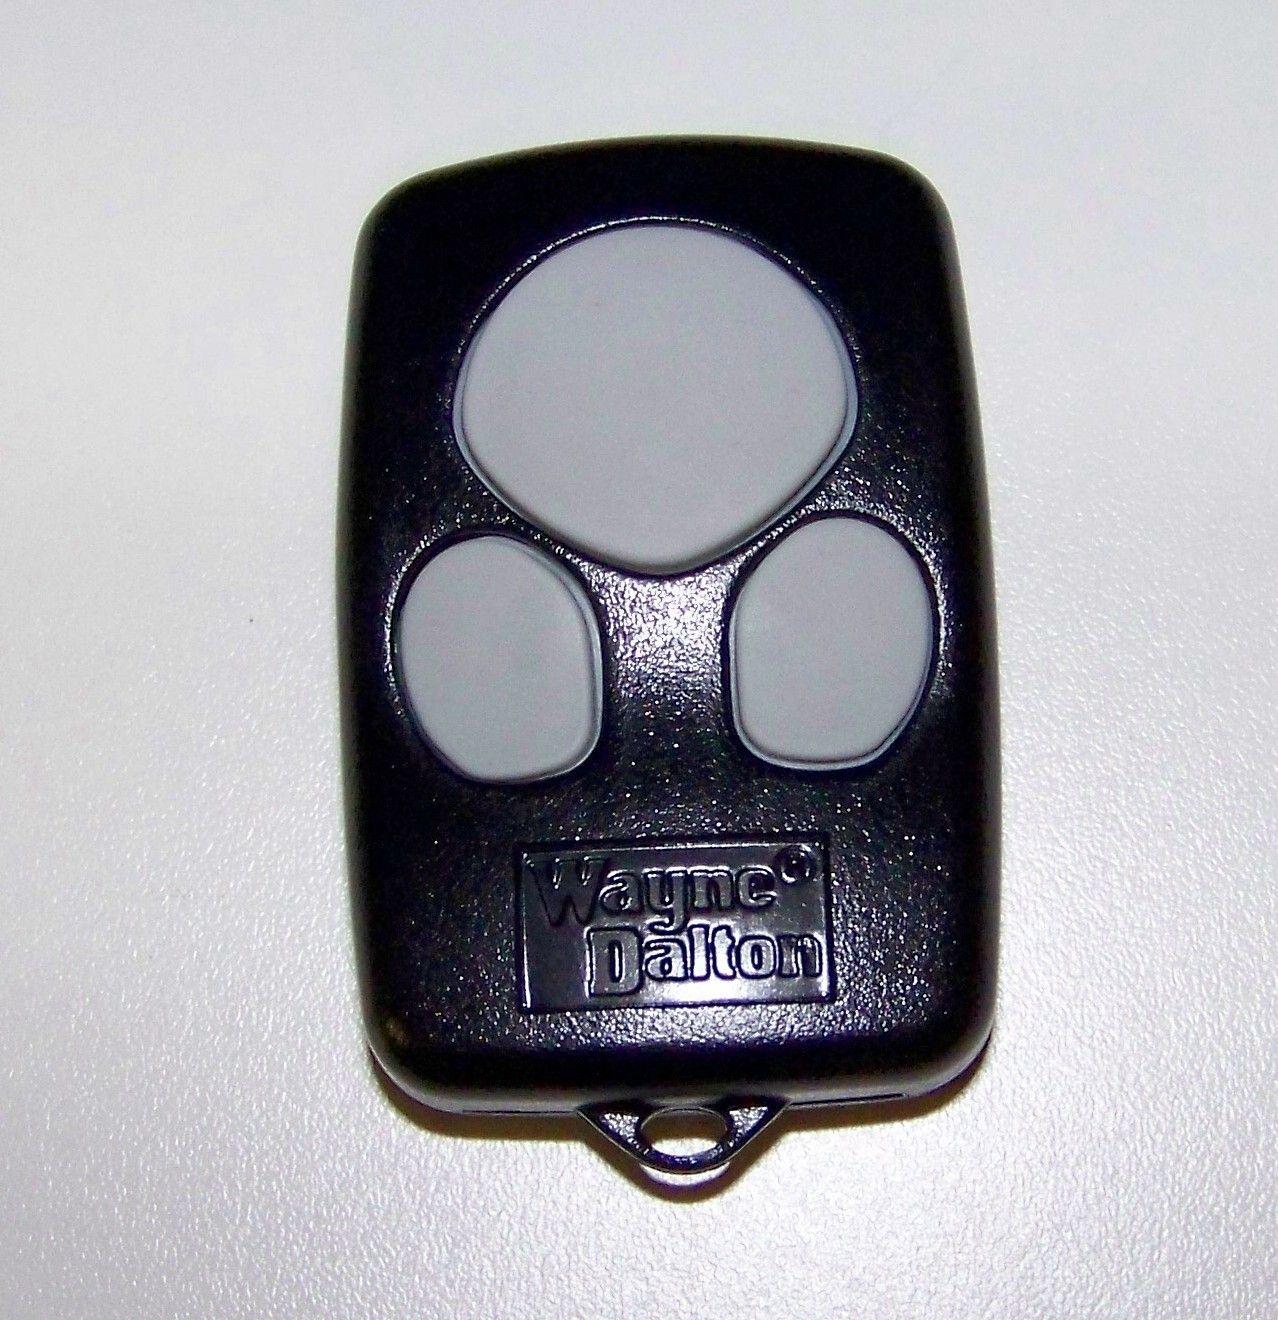 Wayne Dalton Garage Door Opener Remote Reset Wayne Dalton Garage Doors Garage Door Opener Remote Garage Doors